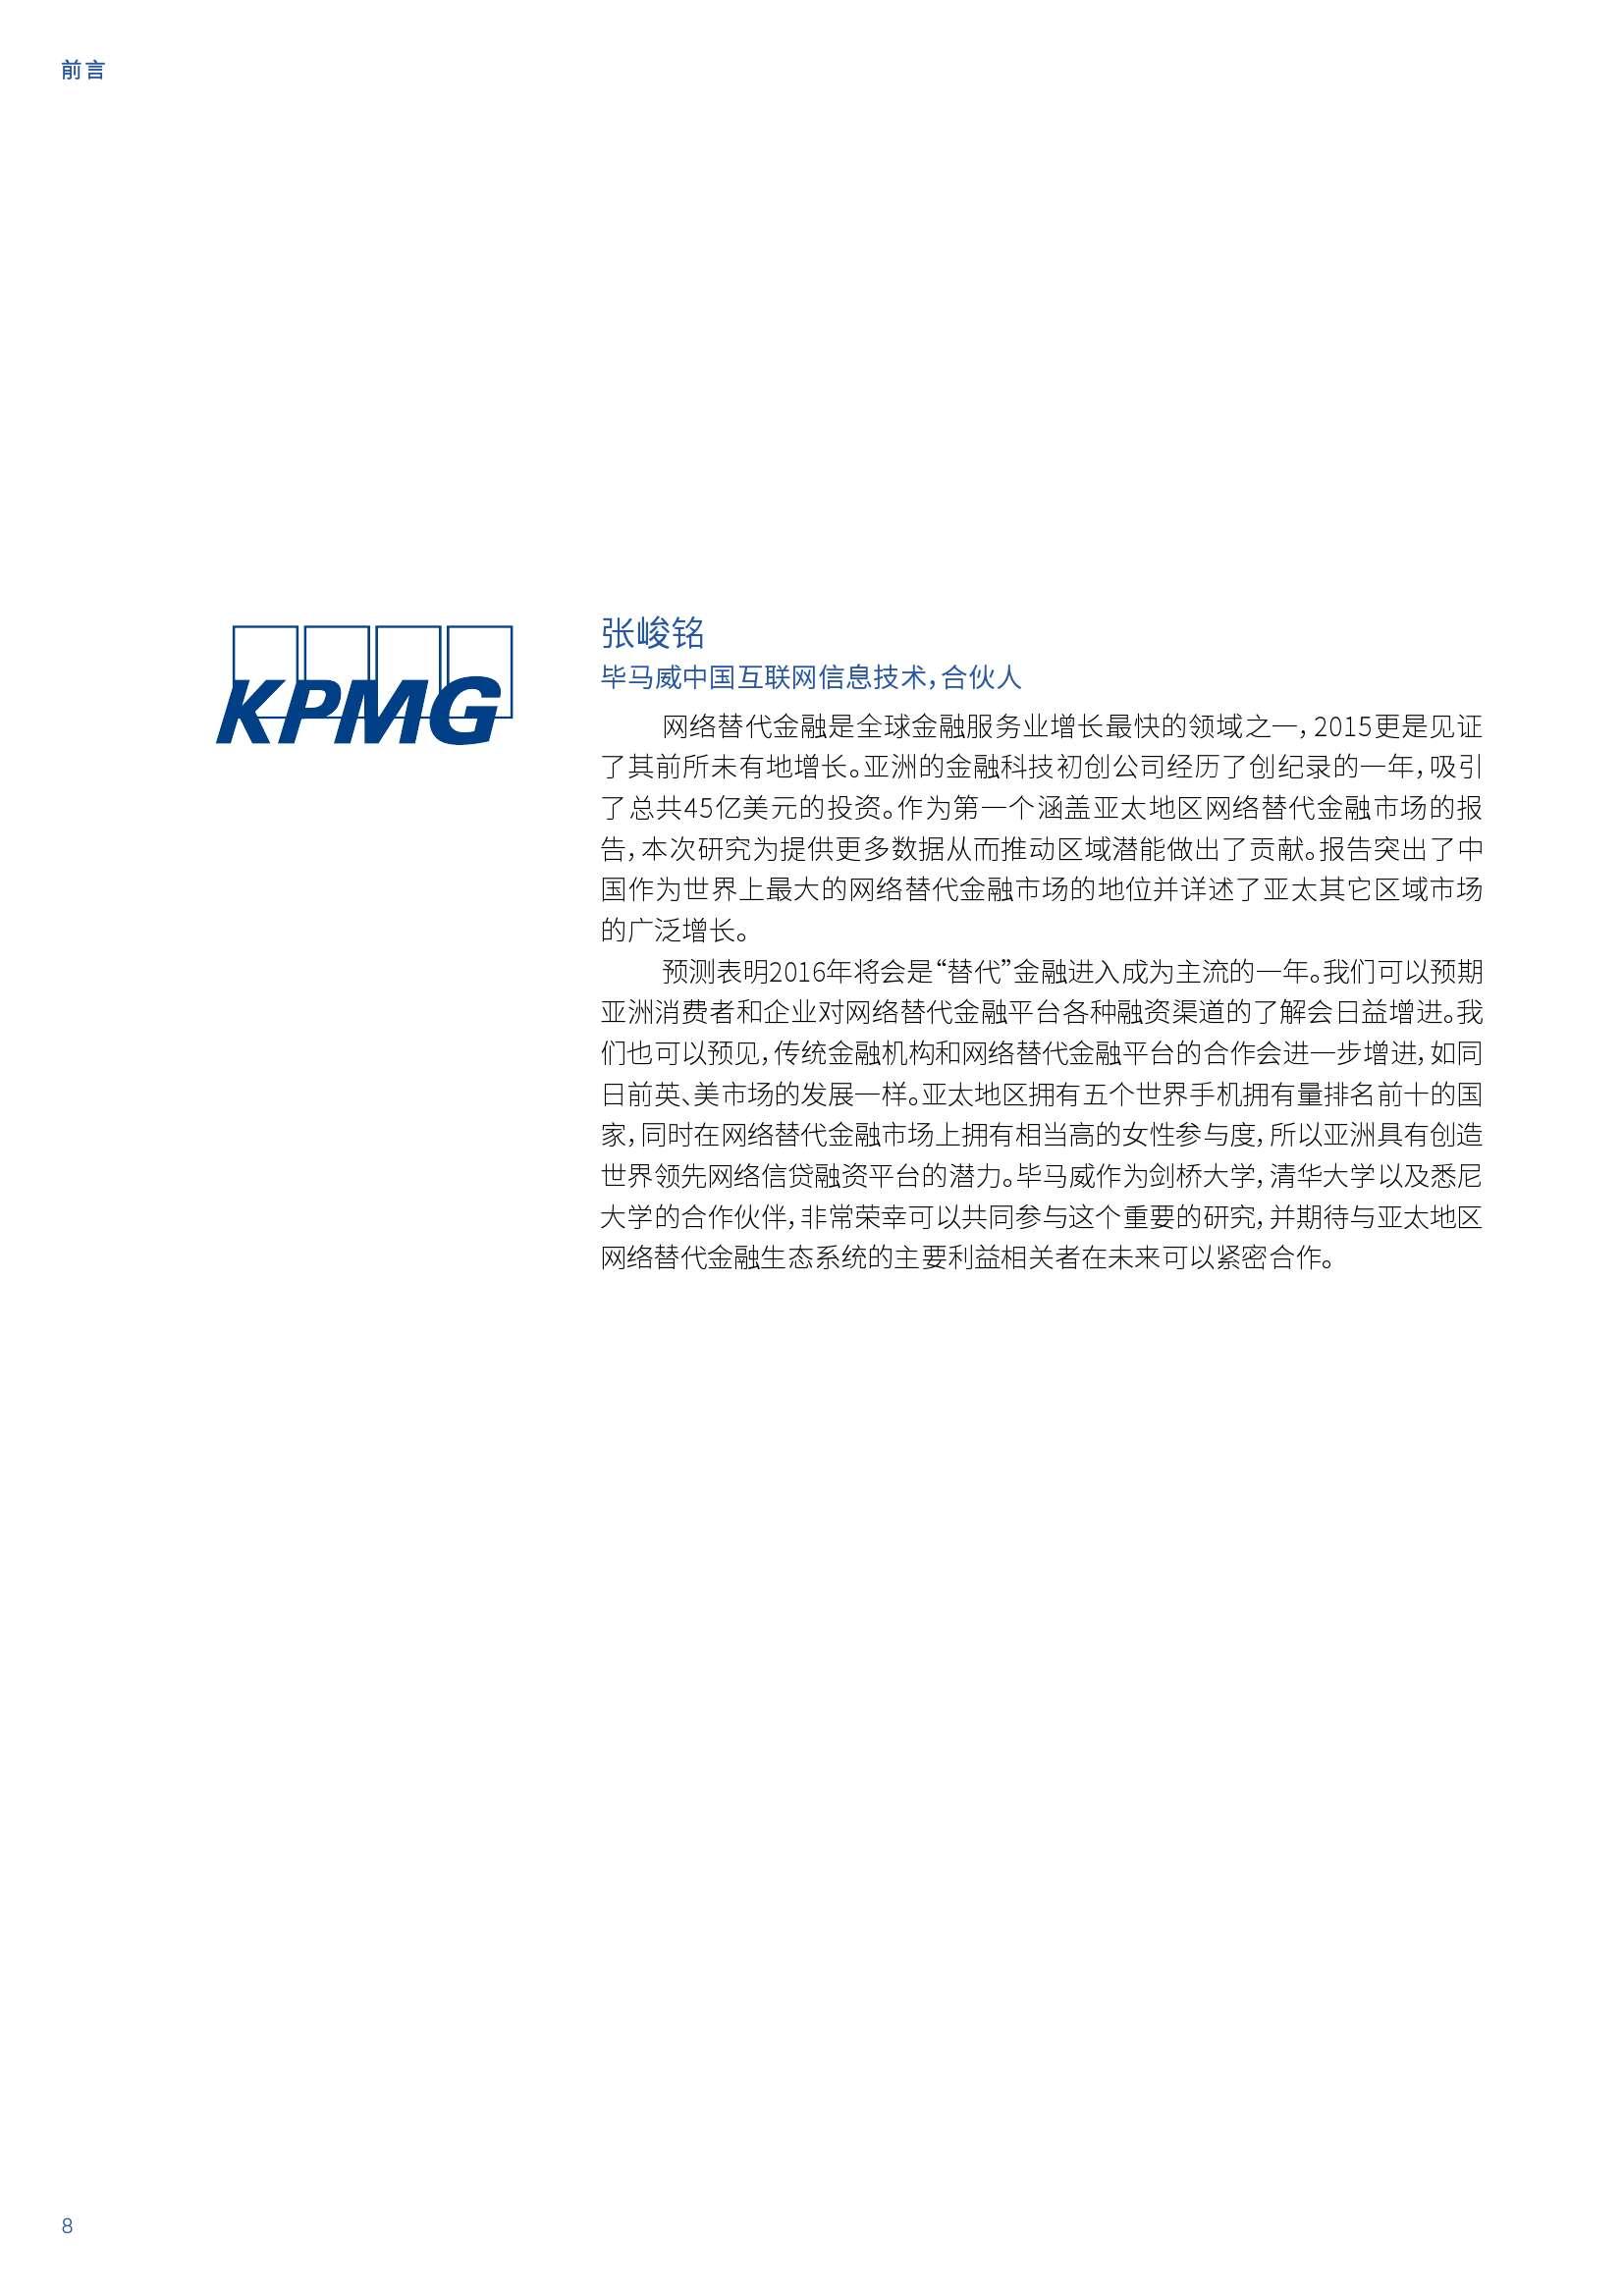 亚太地区网络替代金融基准报告_000008